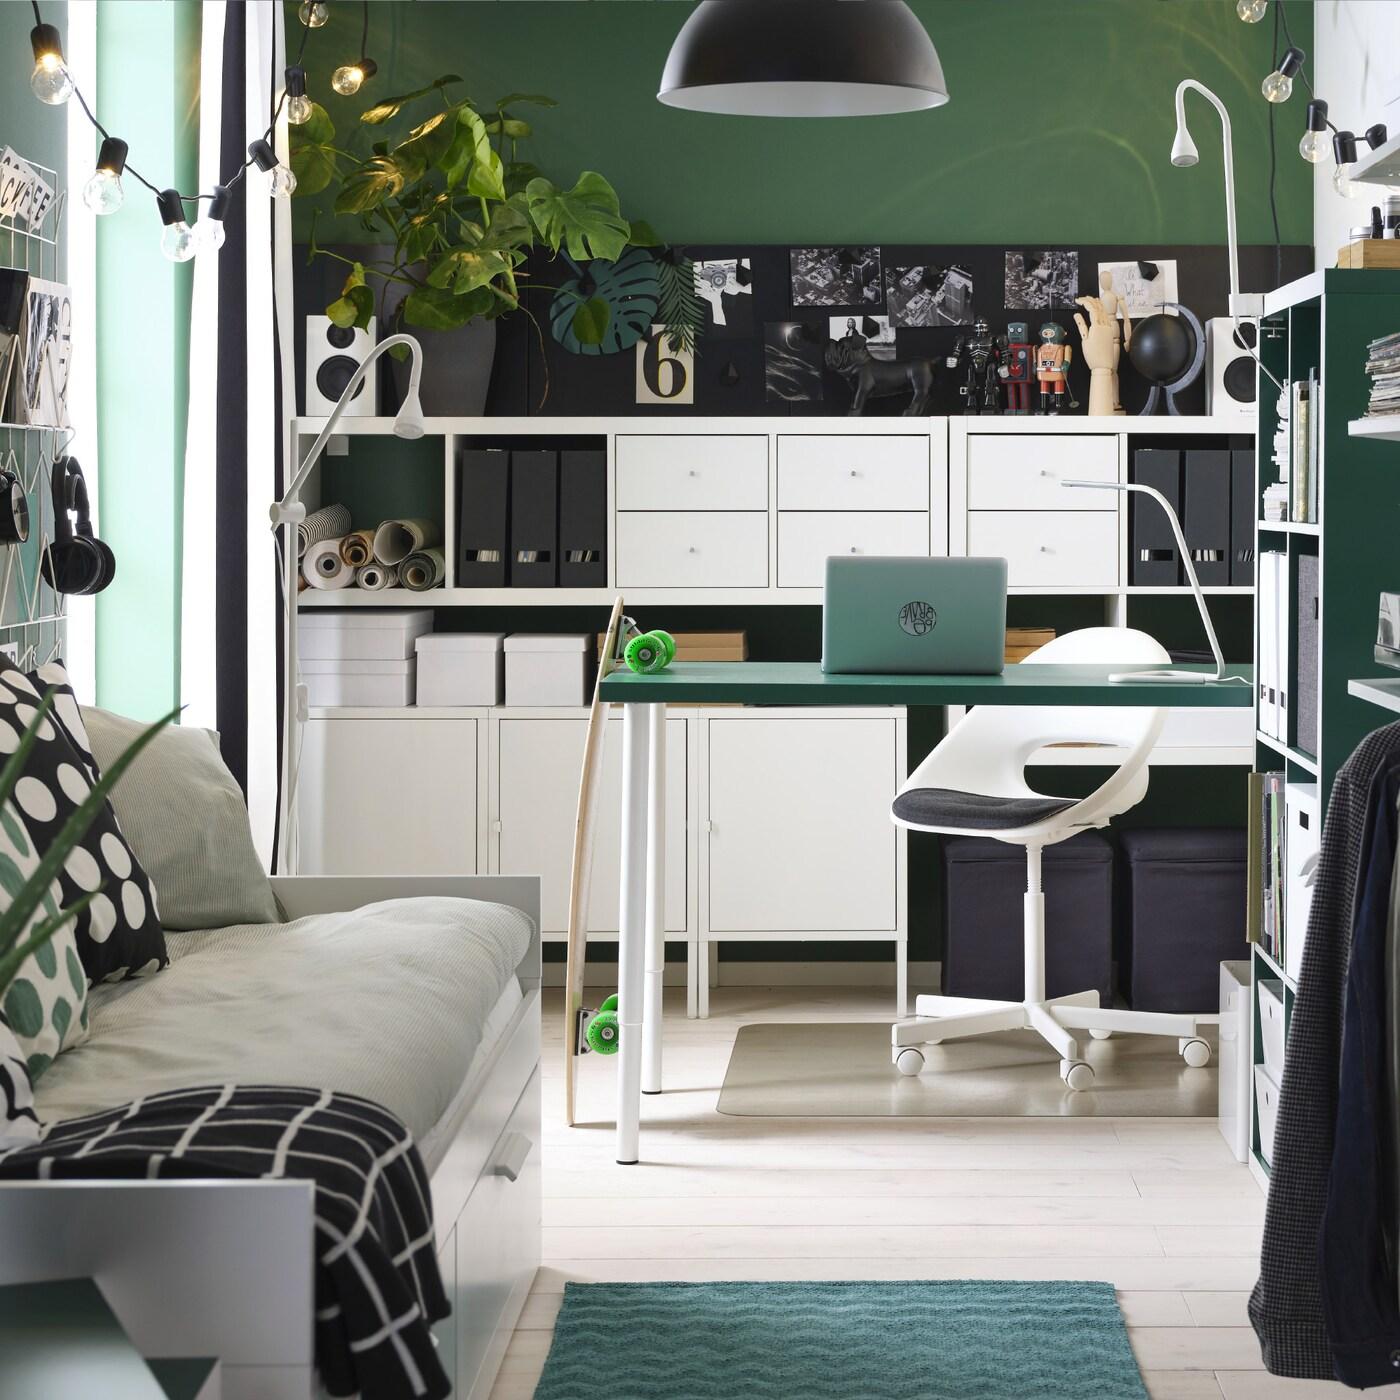 Маленькая комната в зеленой гамме: зеленый стол, белые стеллажи, кушетка, открытый гардероб и черный подвесной светильник.